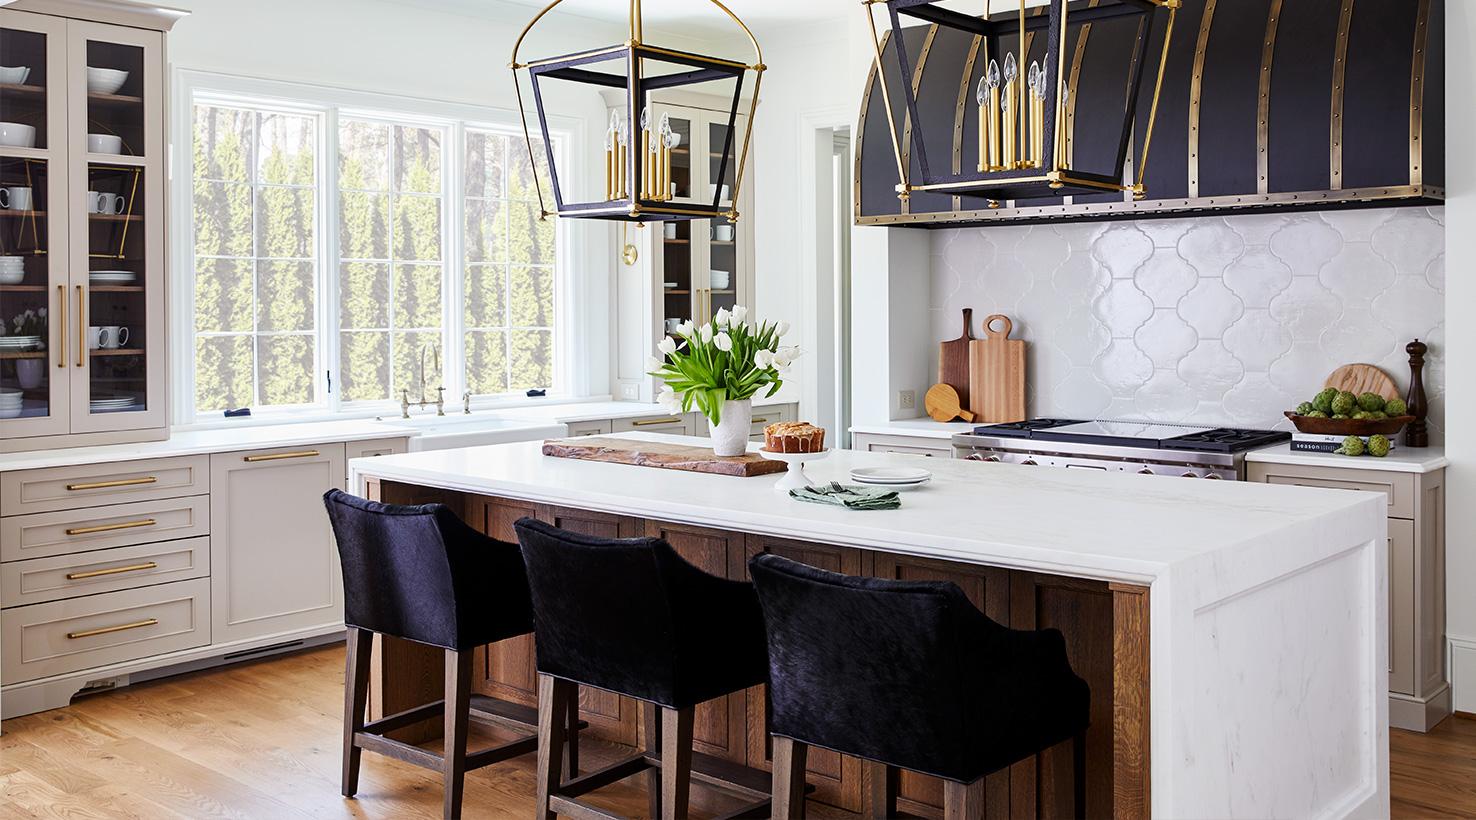 Lưu ý khi thiết kế không gian phòng ăn nhà bạn